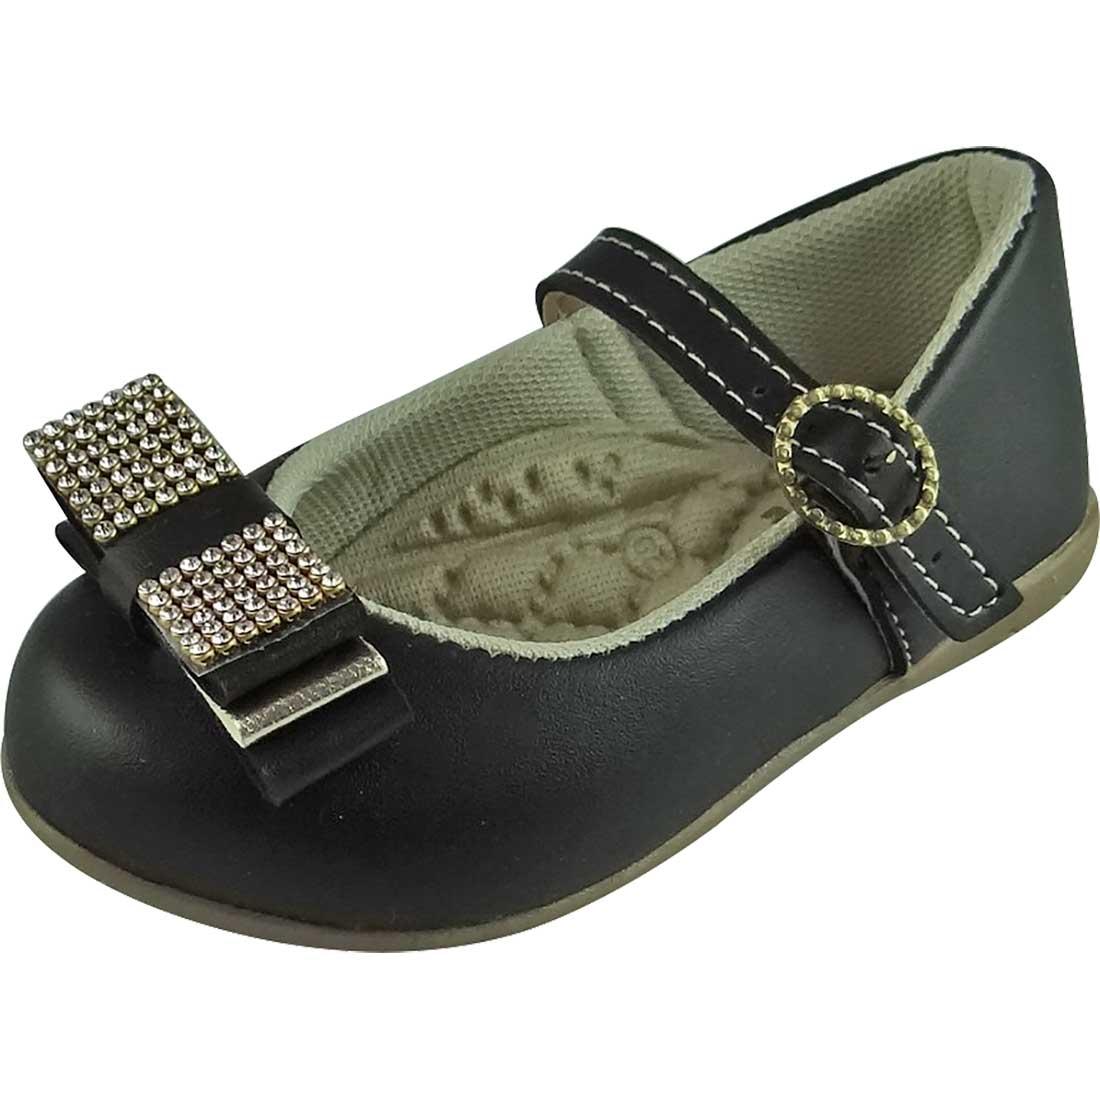 Sapato Boneca Baby com Laço e Strass - Preto